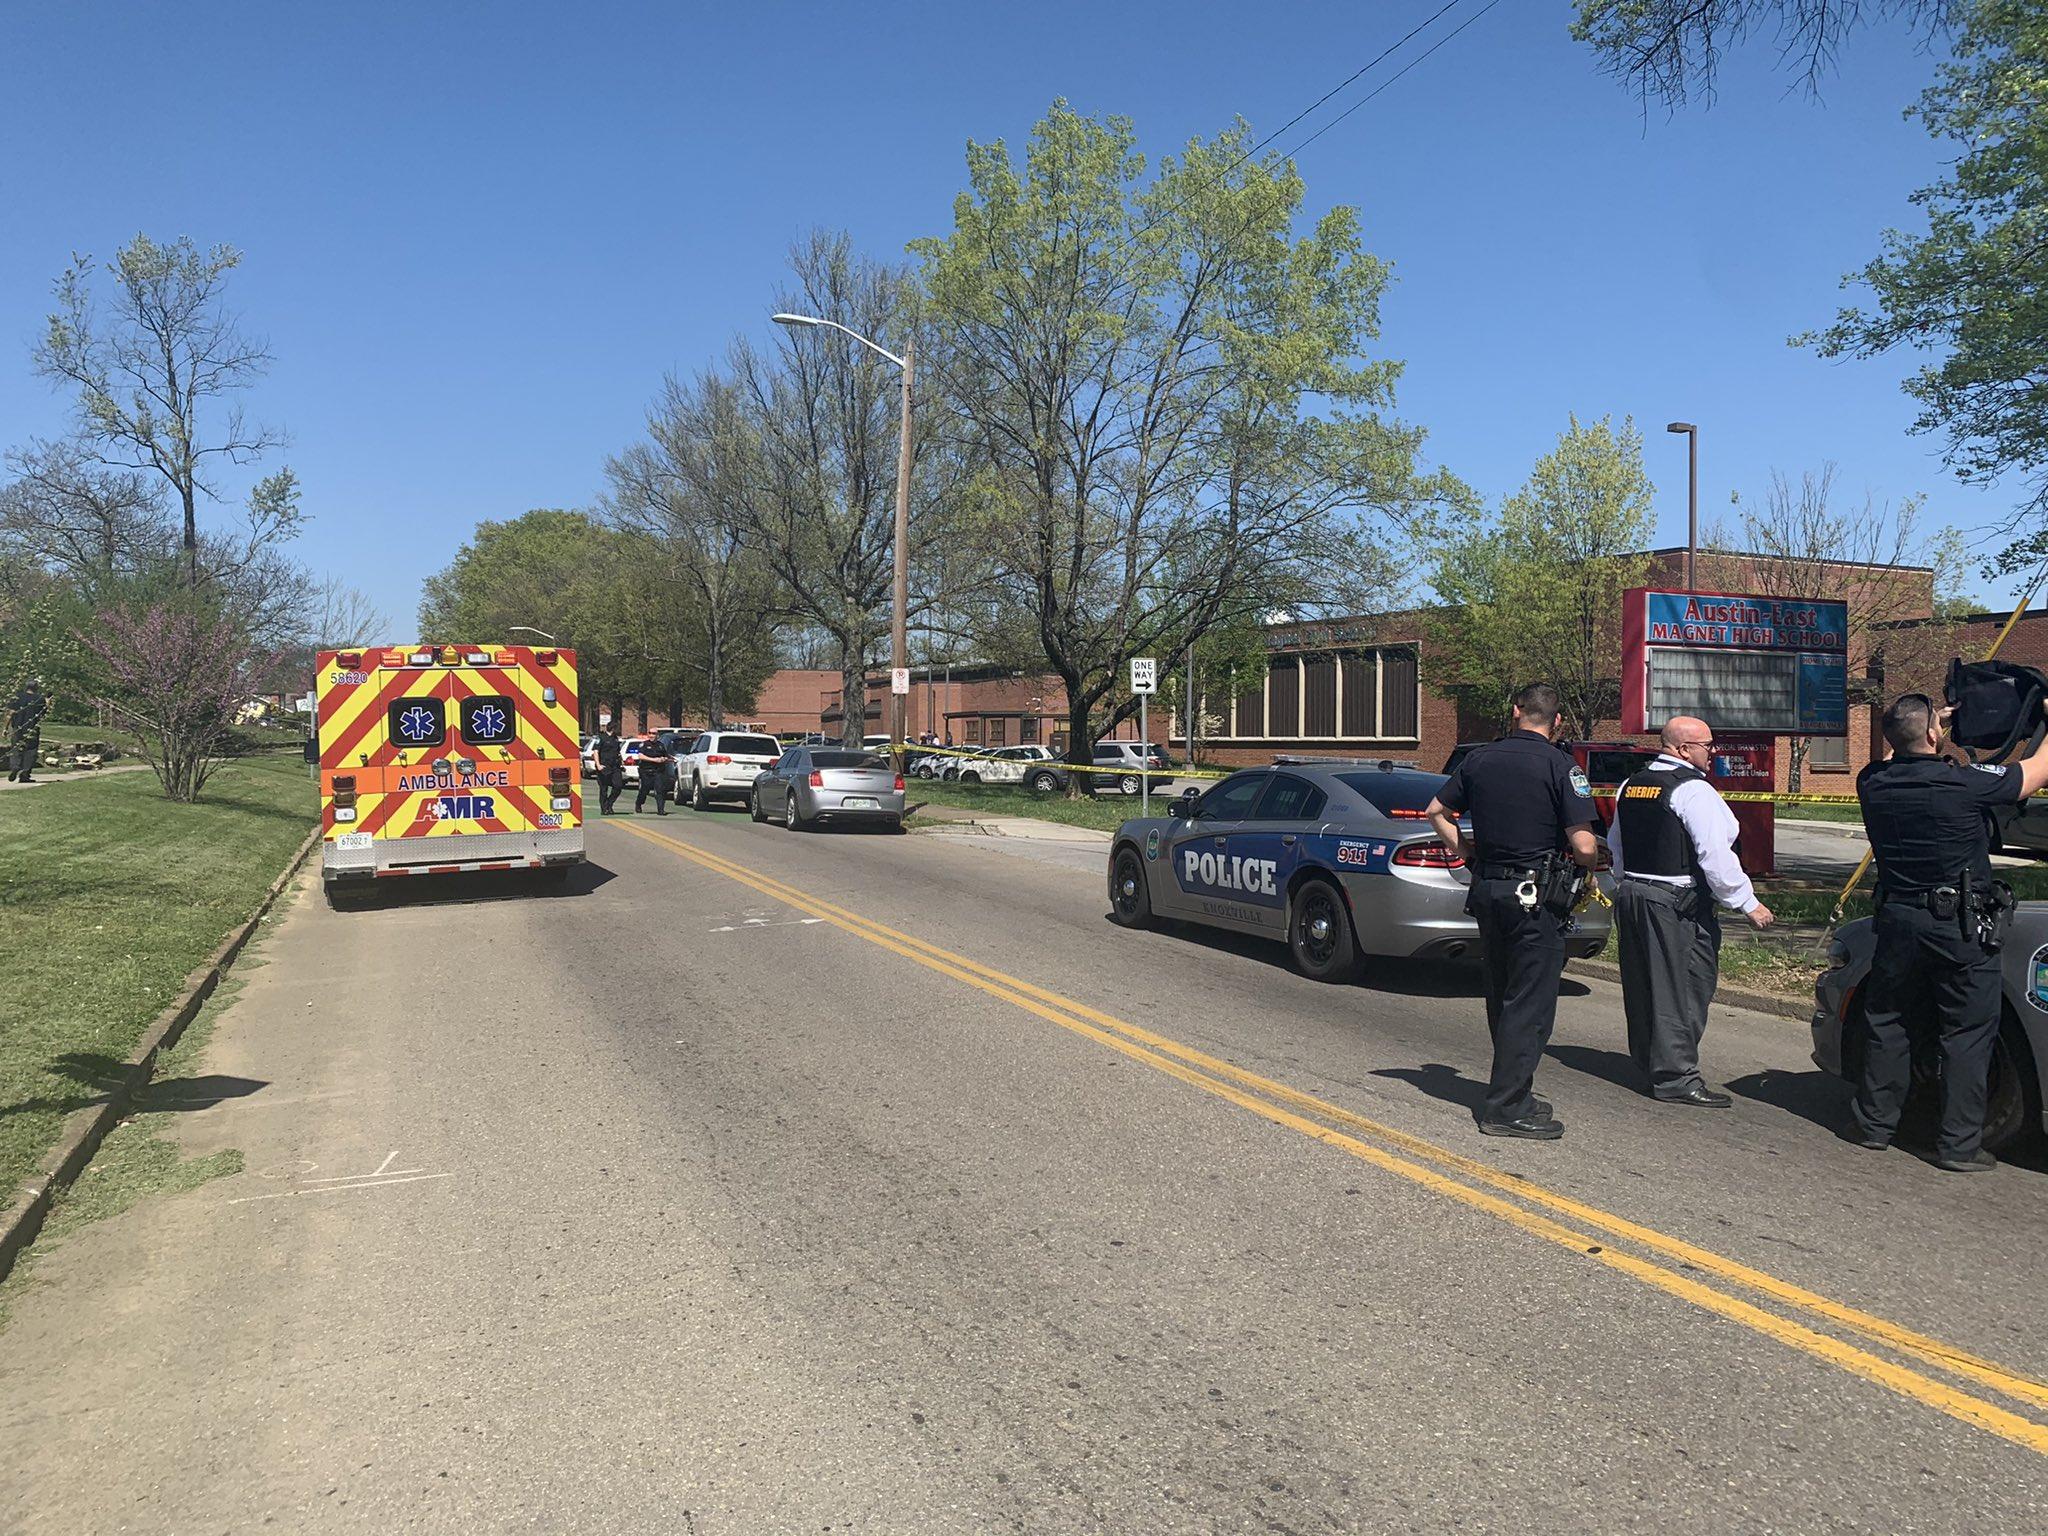 Ataque a tiros em colégio no Tennessee mata adolescente